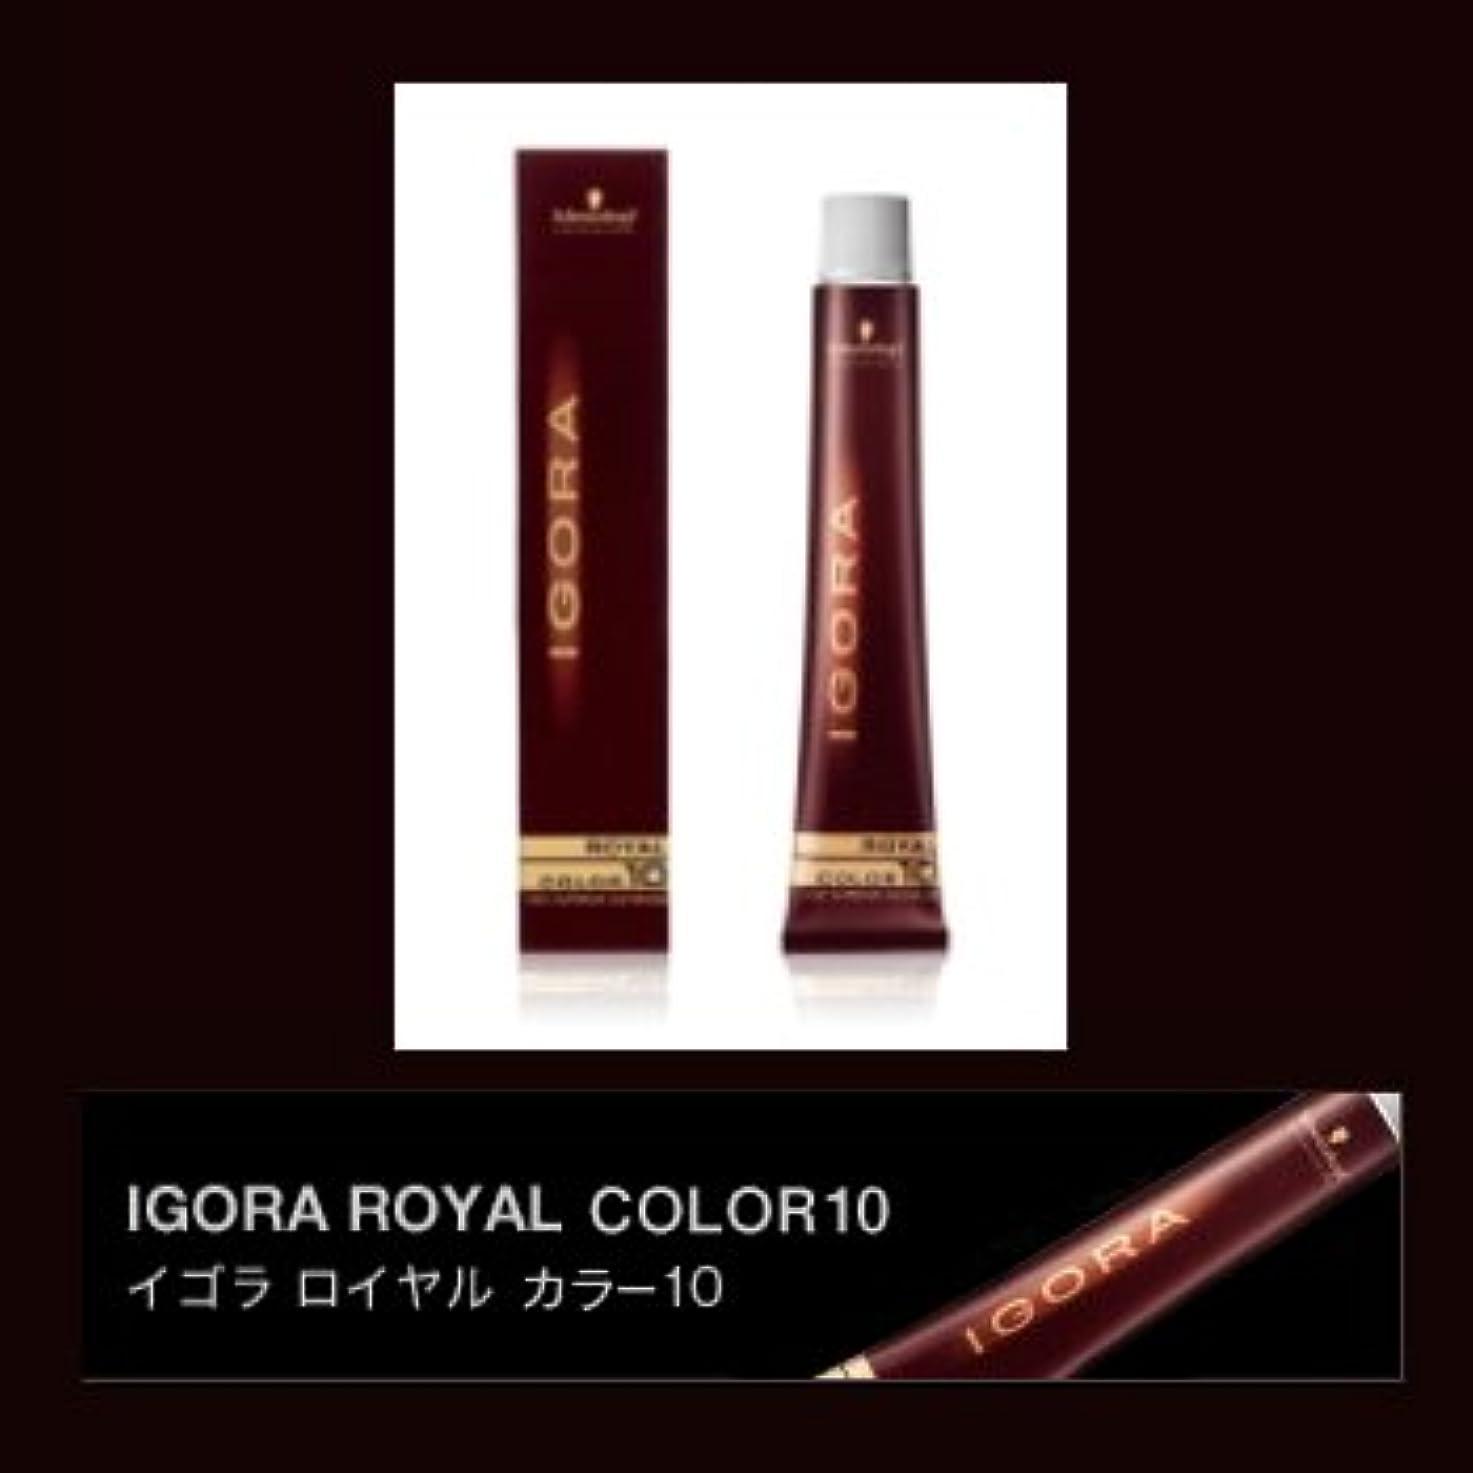 現代のペン反対にシュワルツコフ イゴラ ロイヤルカラー10 ブラウン 80g(1剤) 【ブラウン】B4X